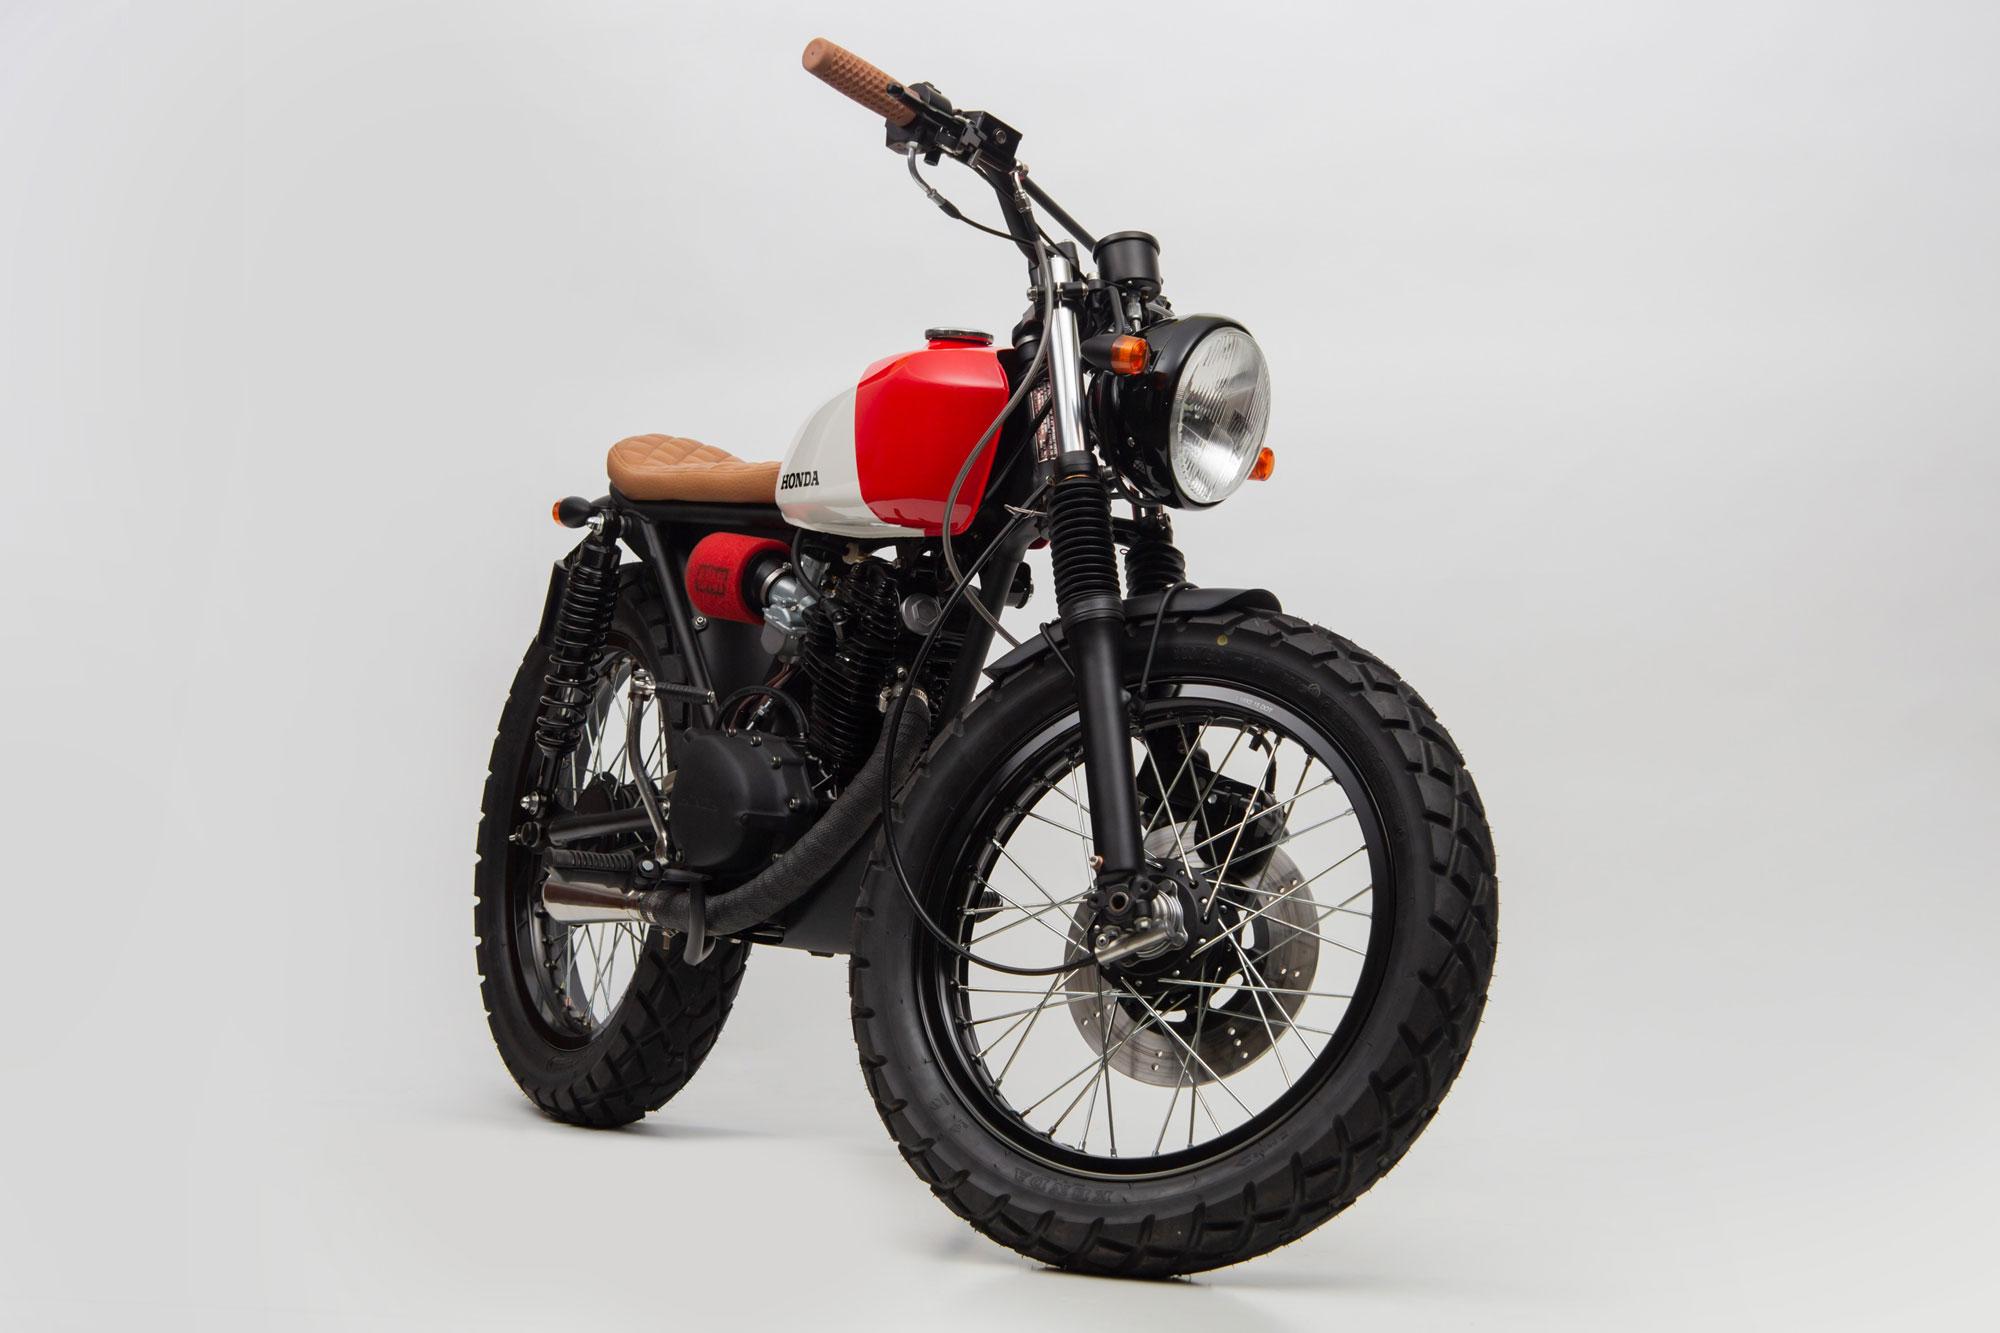 1973-honda-cb125s-01